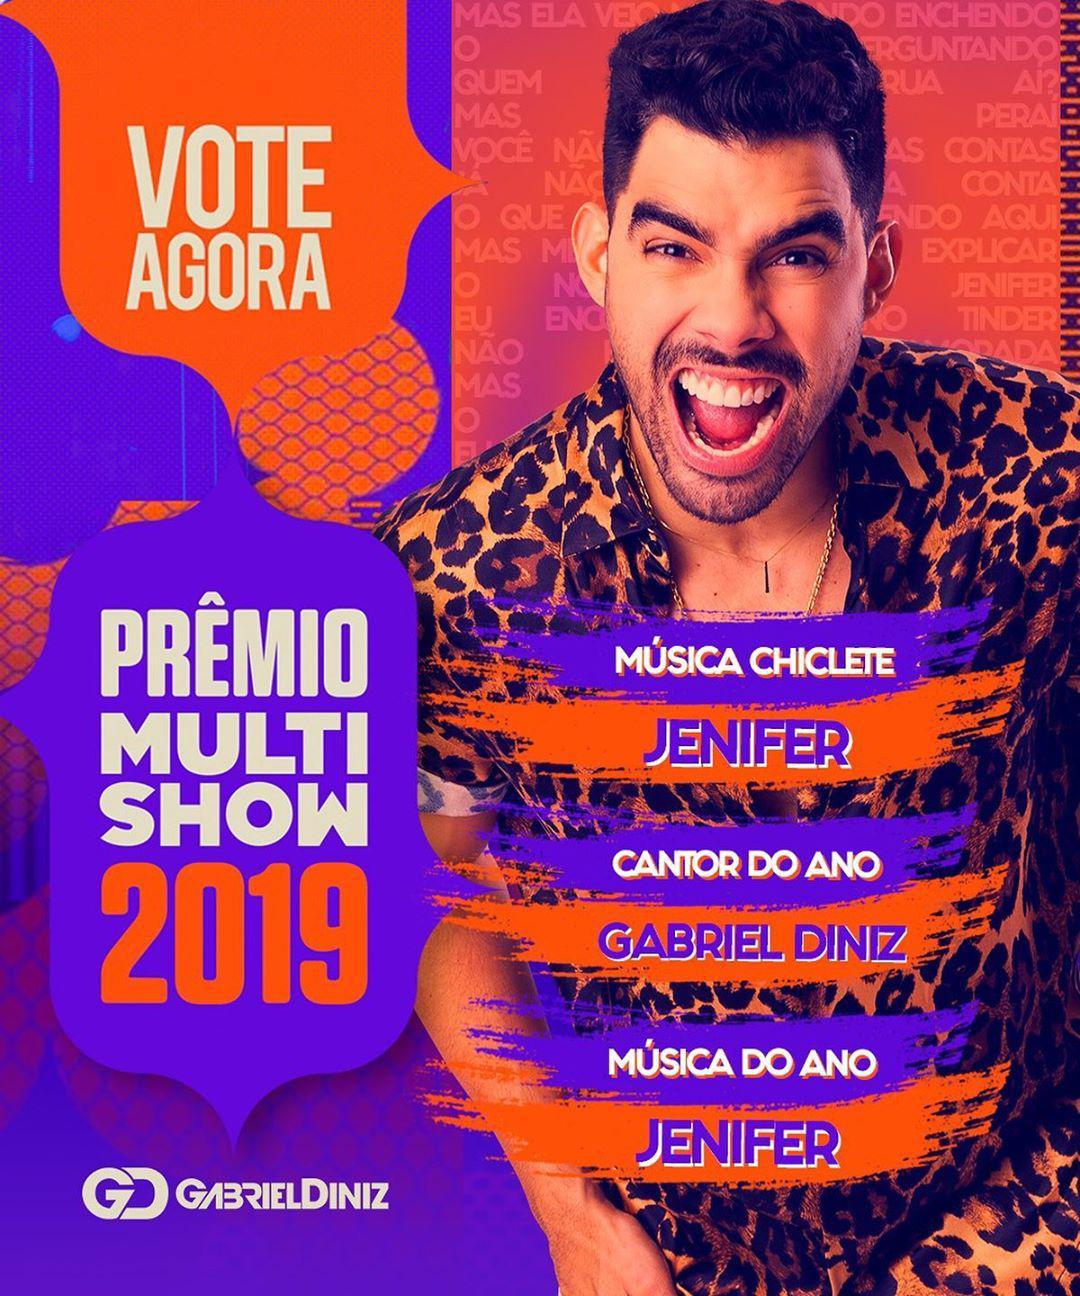 Fãs de Gabriel Diniz fazem campanha para cantor vencer Prêmio Multishow - 2